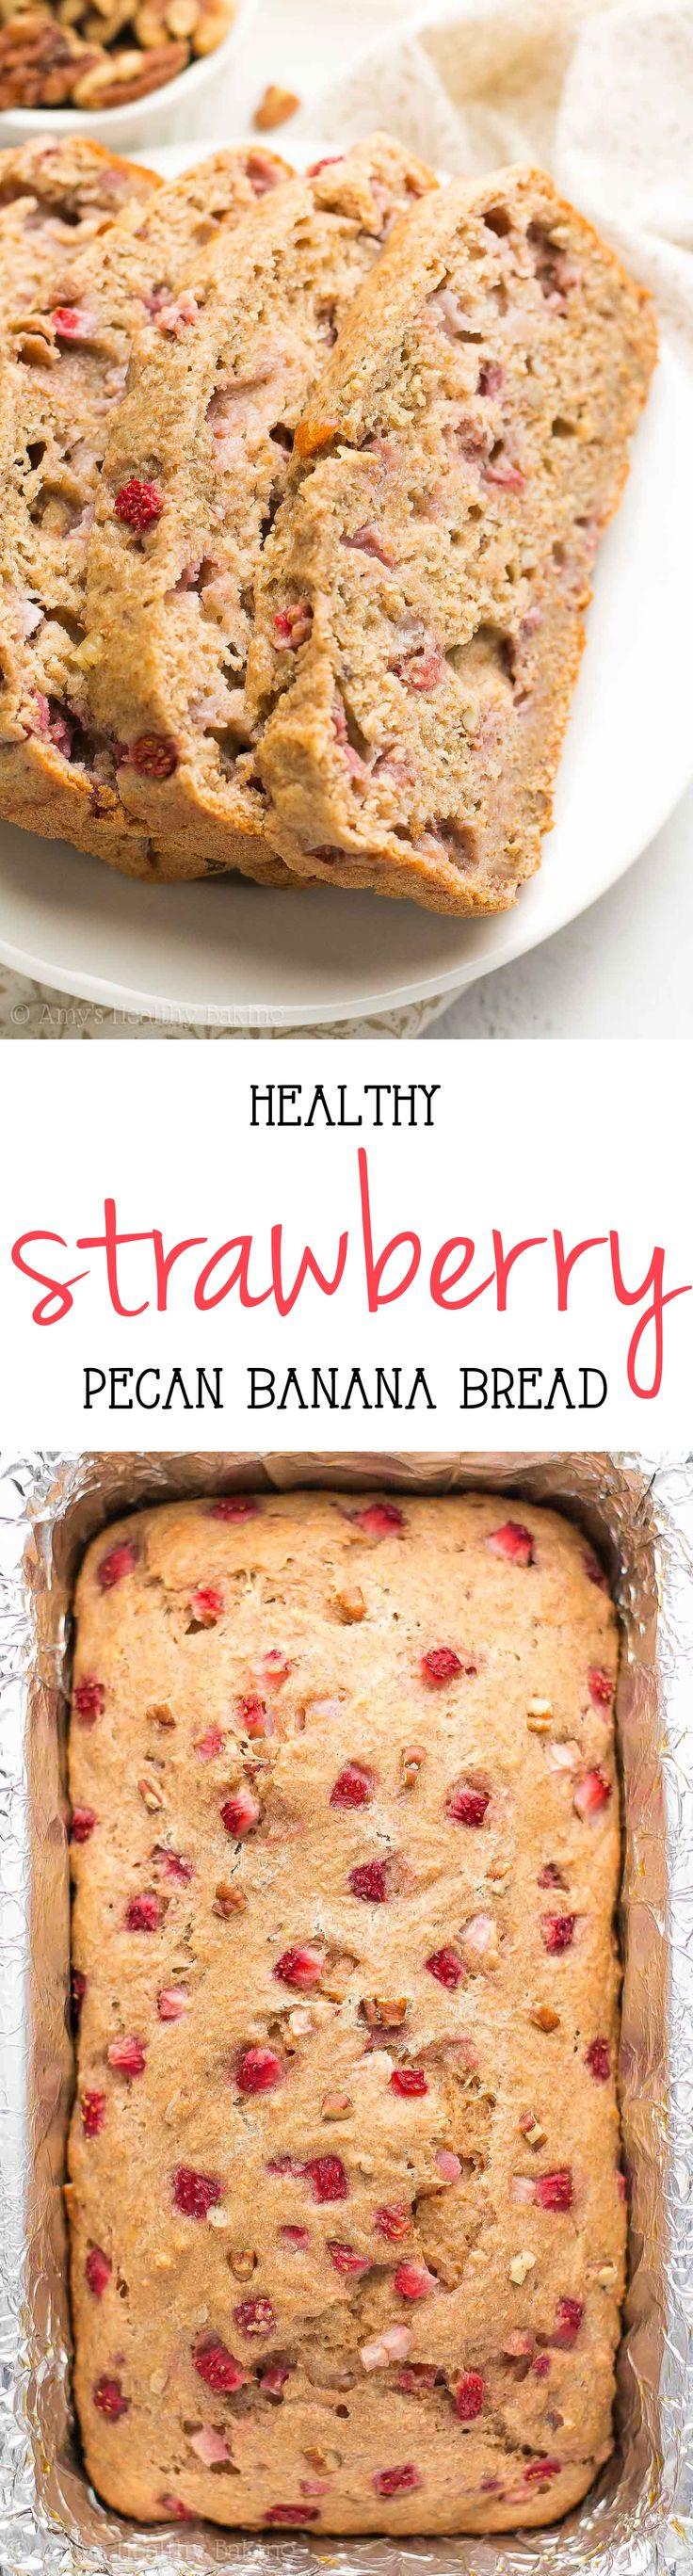 Healthy Strawberry Bread  HEALTHY  Strawberry Pecan Banana Bread so easy & as